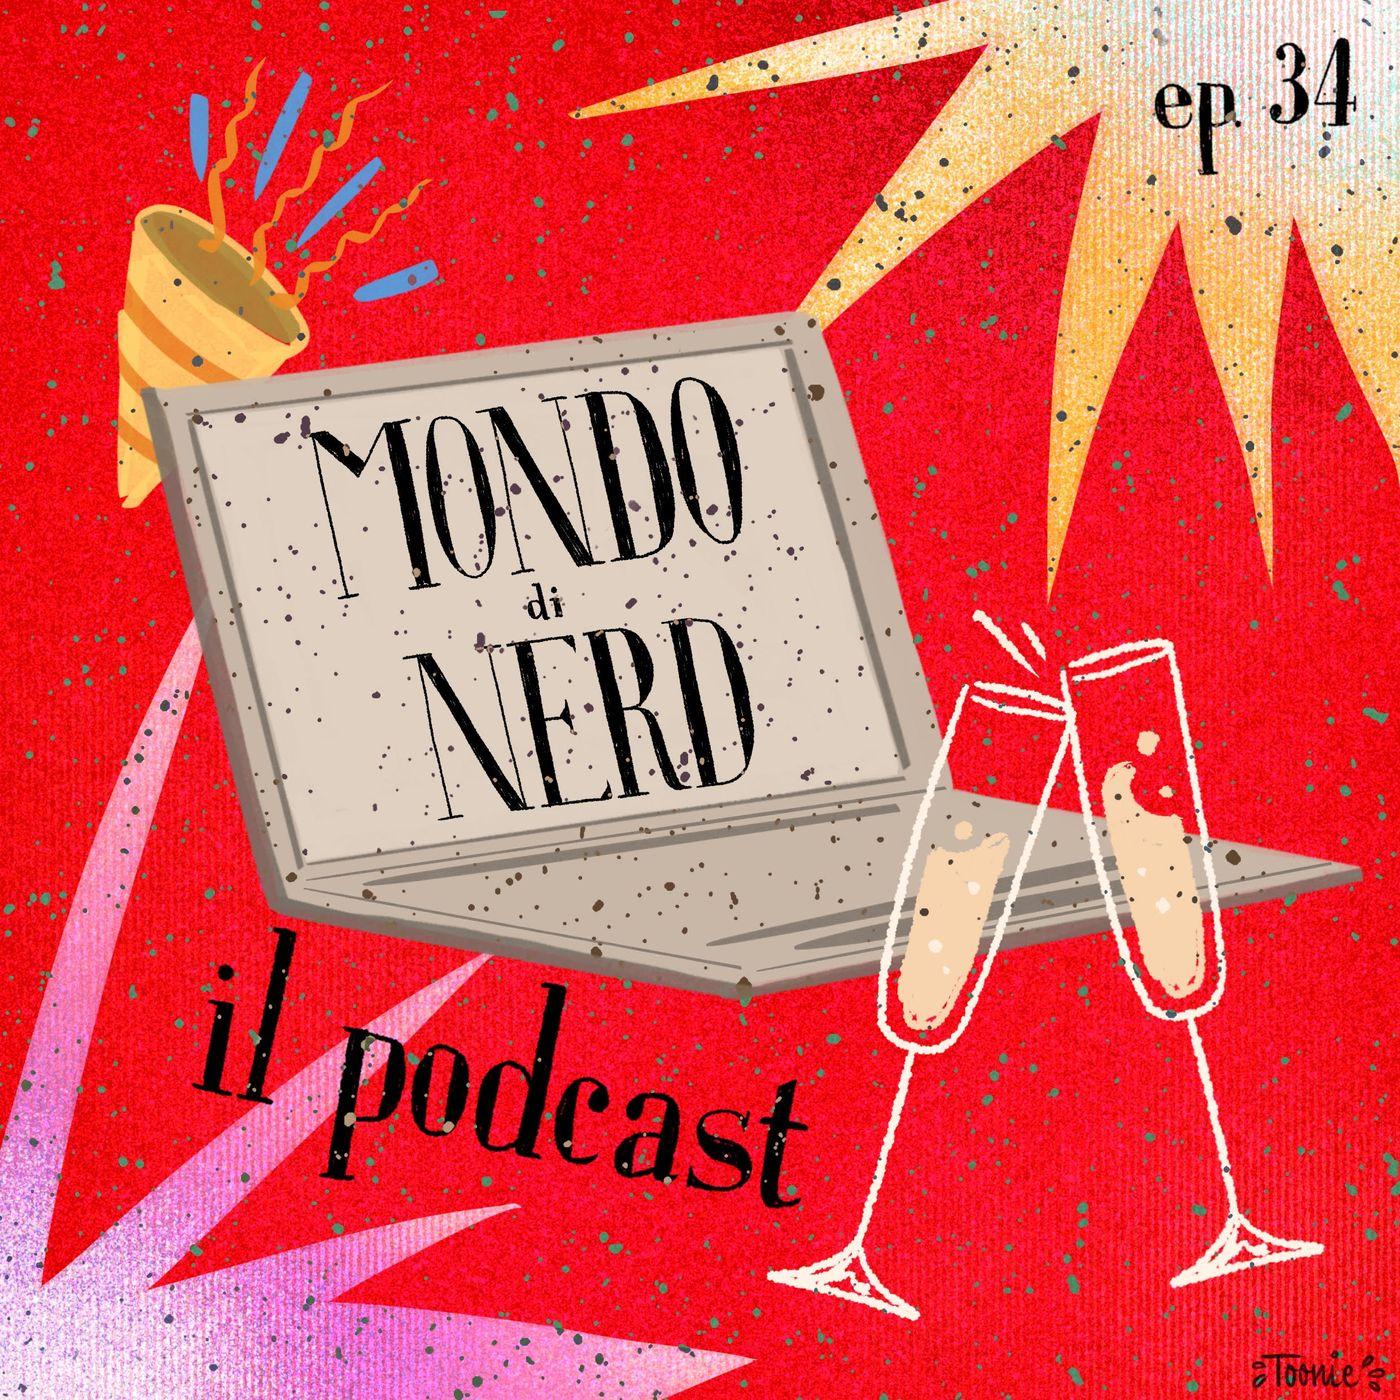 Che anno di nerd! - ep. 34